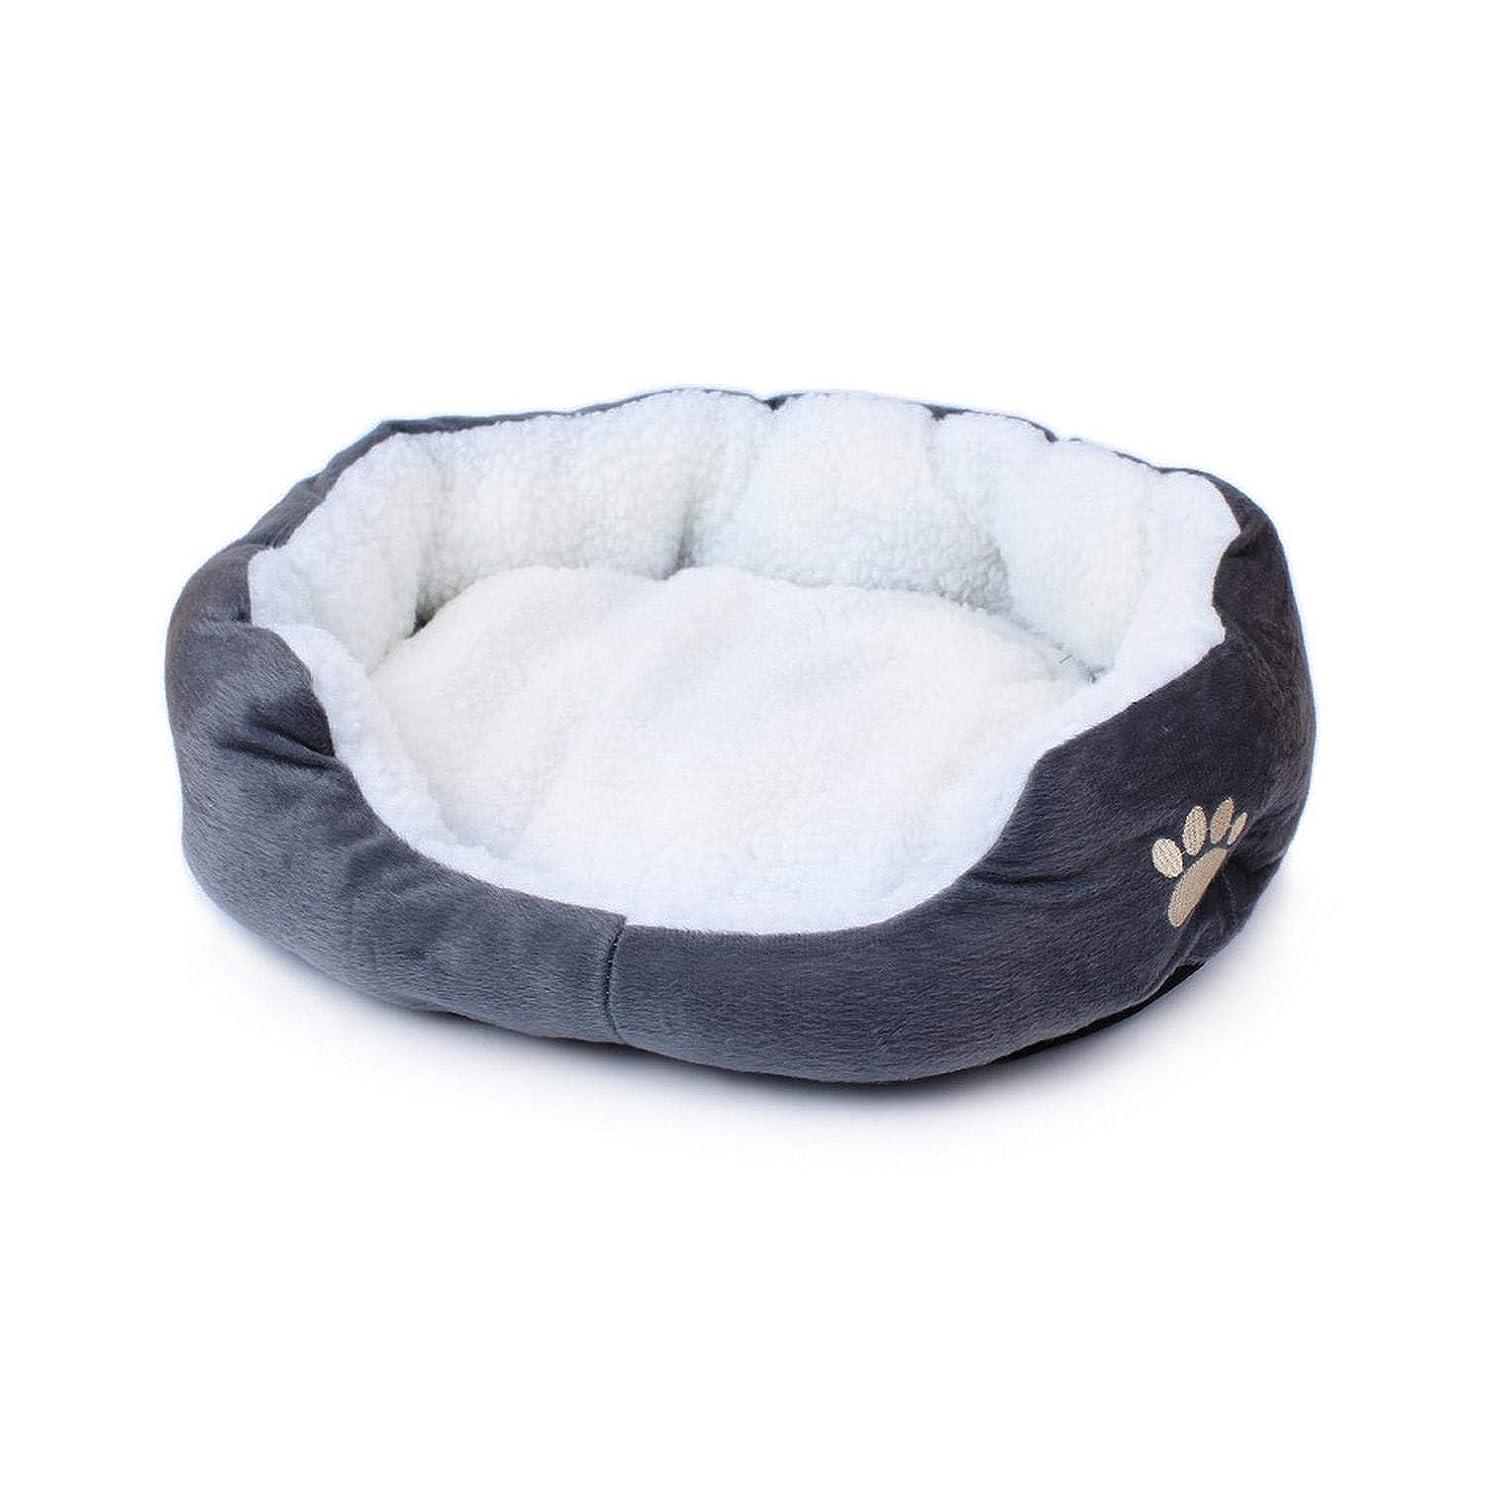 特徴発火するぐるぐるフリース大足プリントペット犬のベッドの巣秋と冬の 暖かい犬のベッドマット-gray-